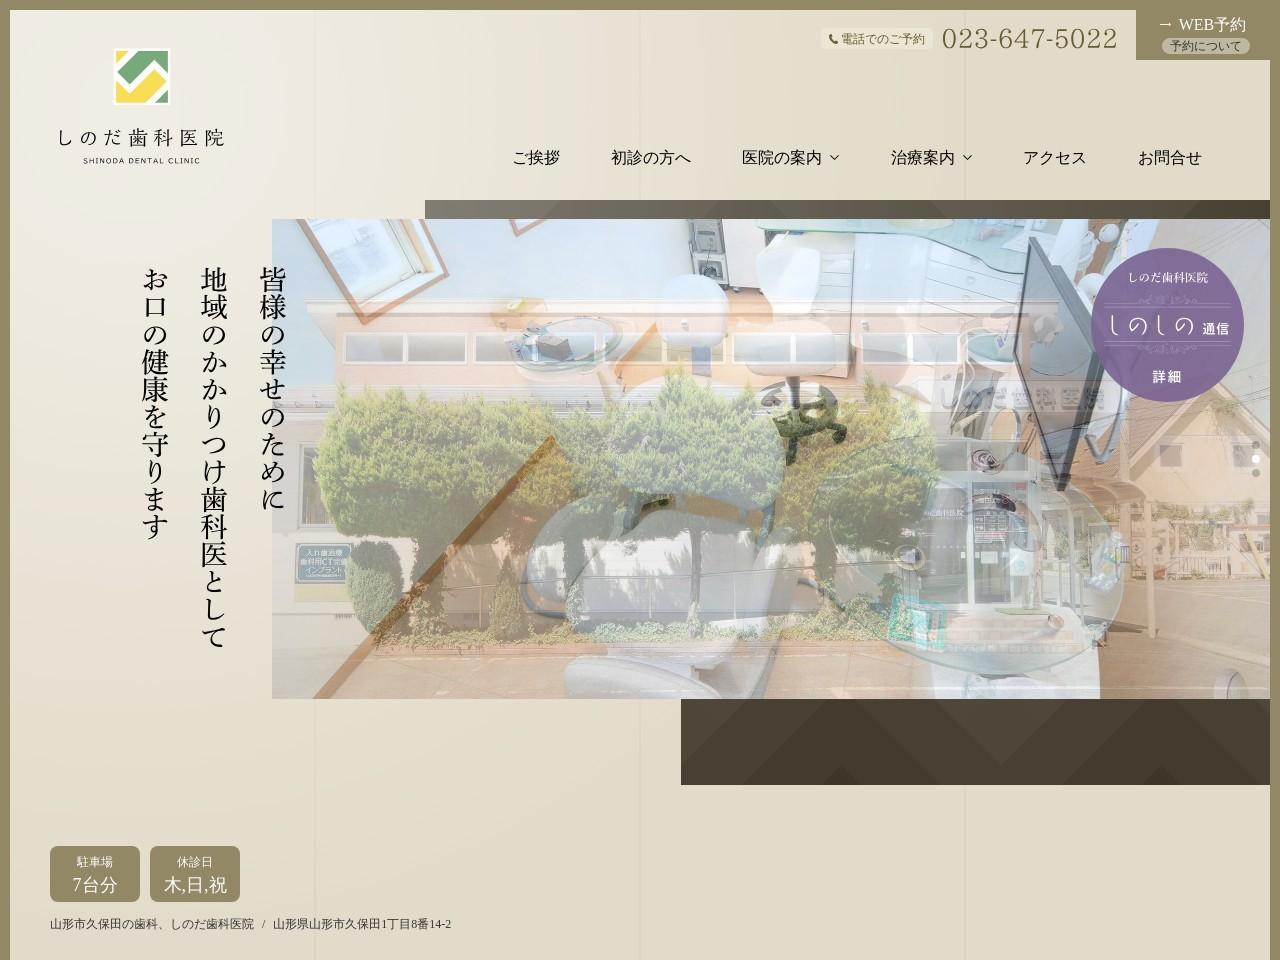 しのだ歯科医院 (山形県山形市)